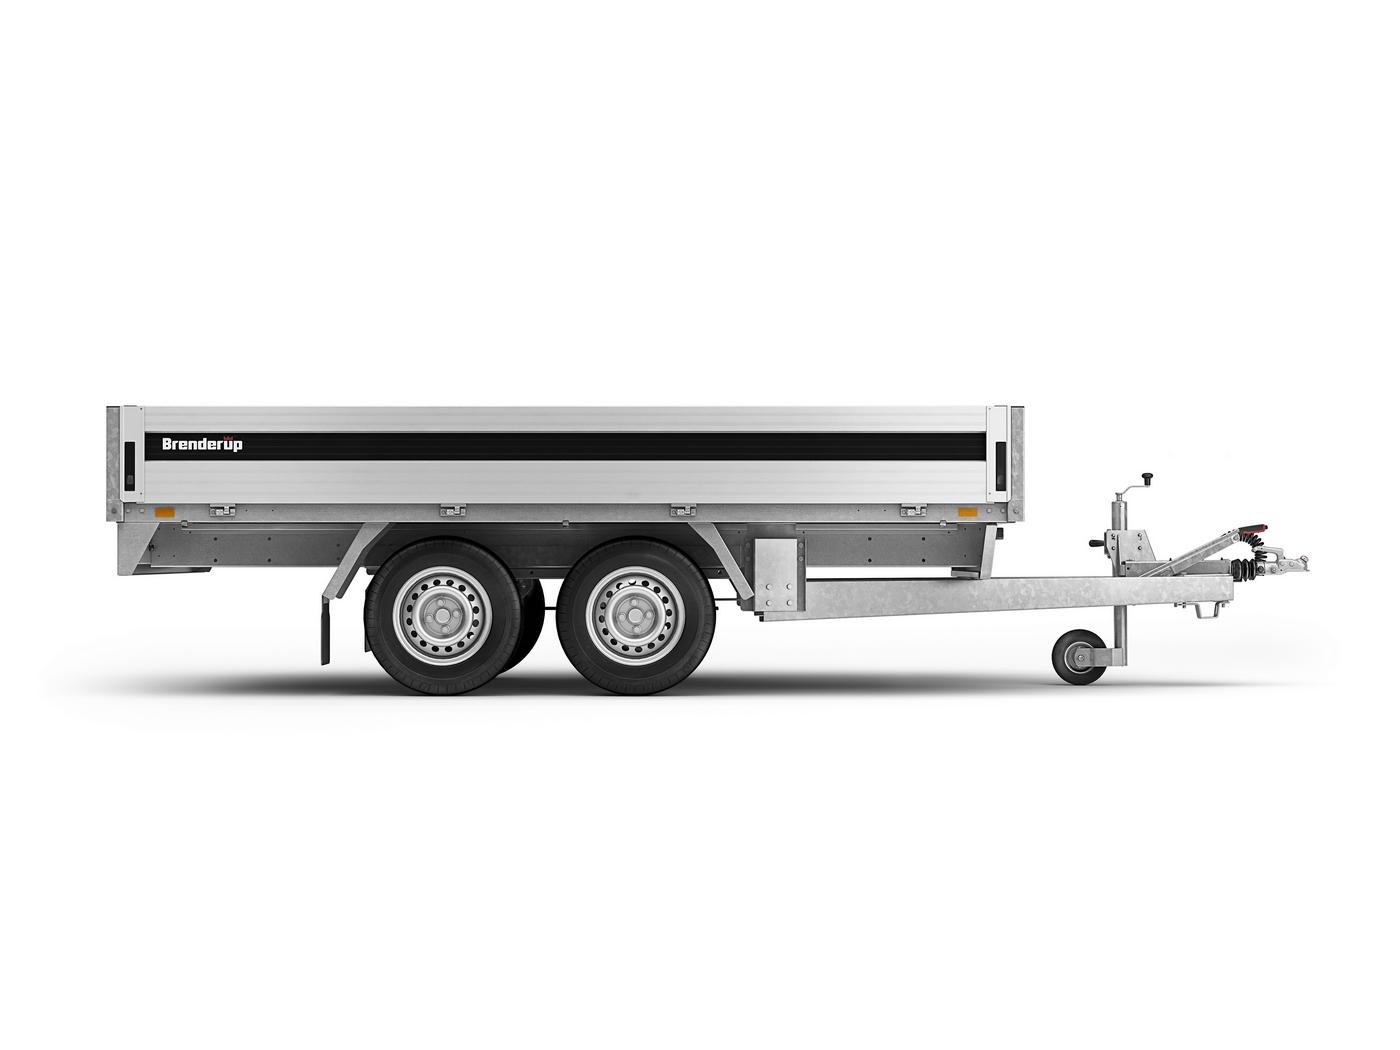 TRELEX PKW Anhänger. Brenderup 5325TB 2500 kg